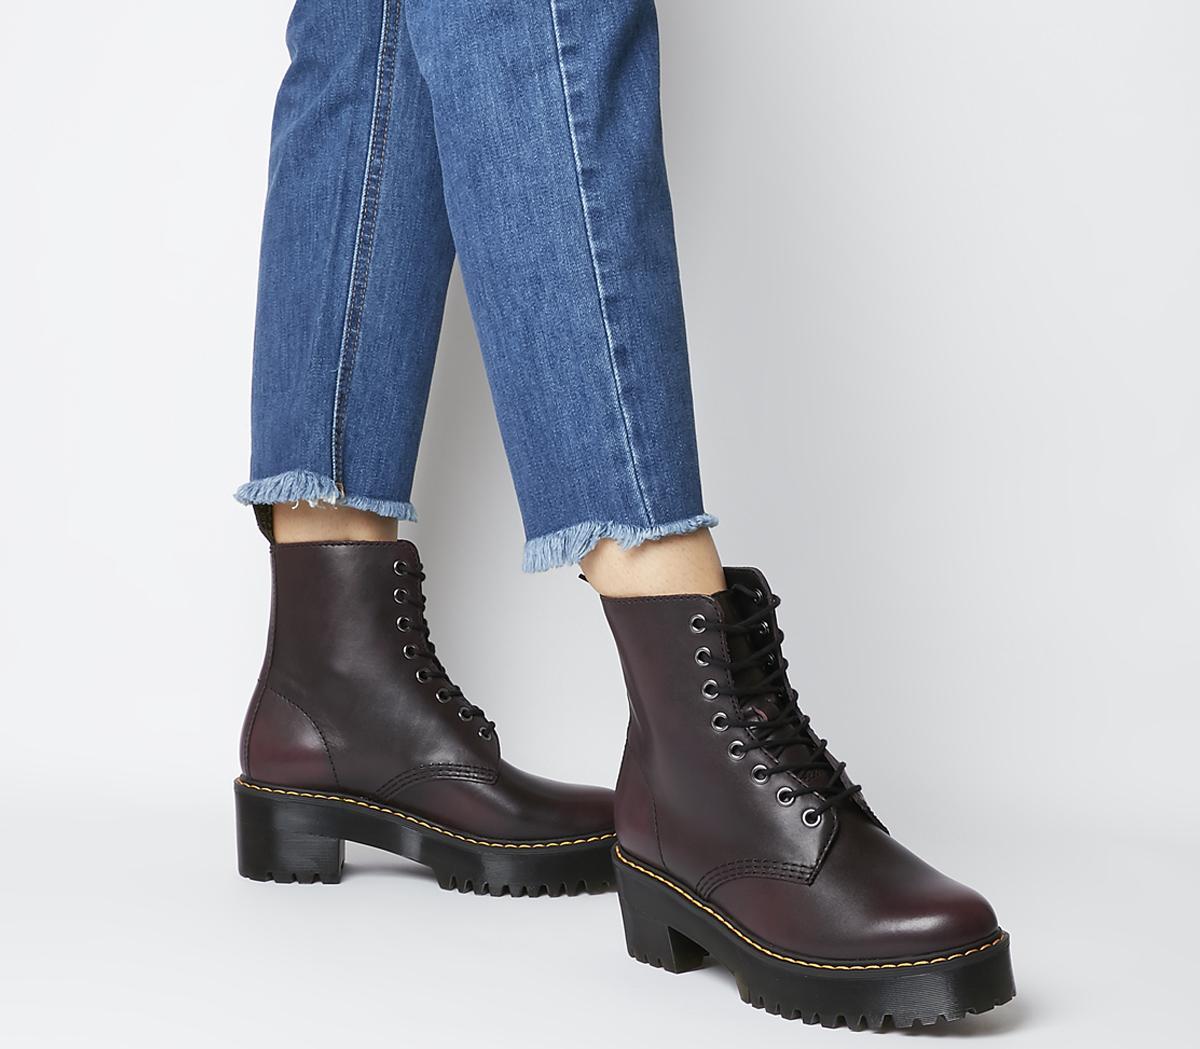 Shriver Hi Lace Boots